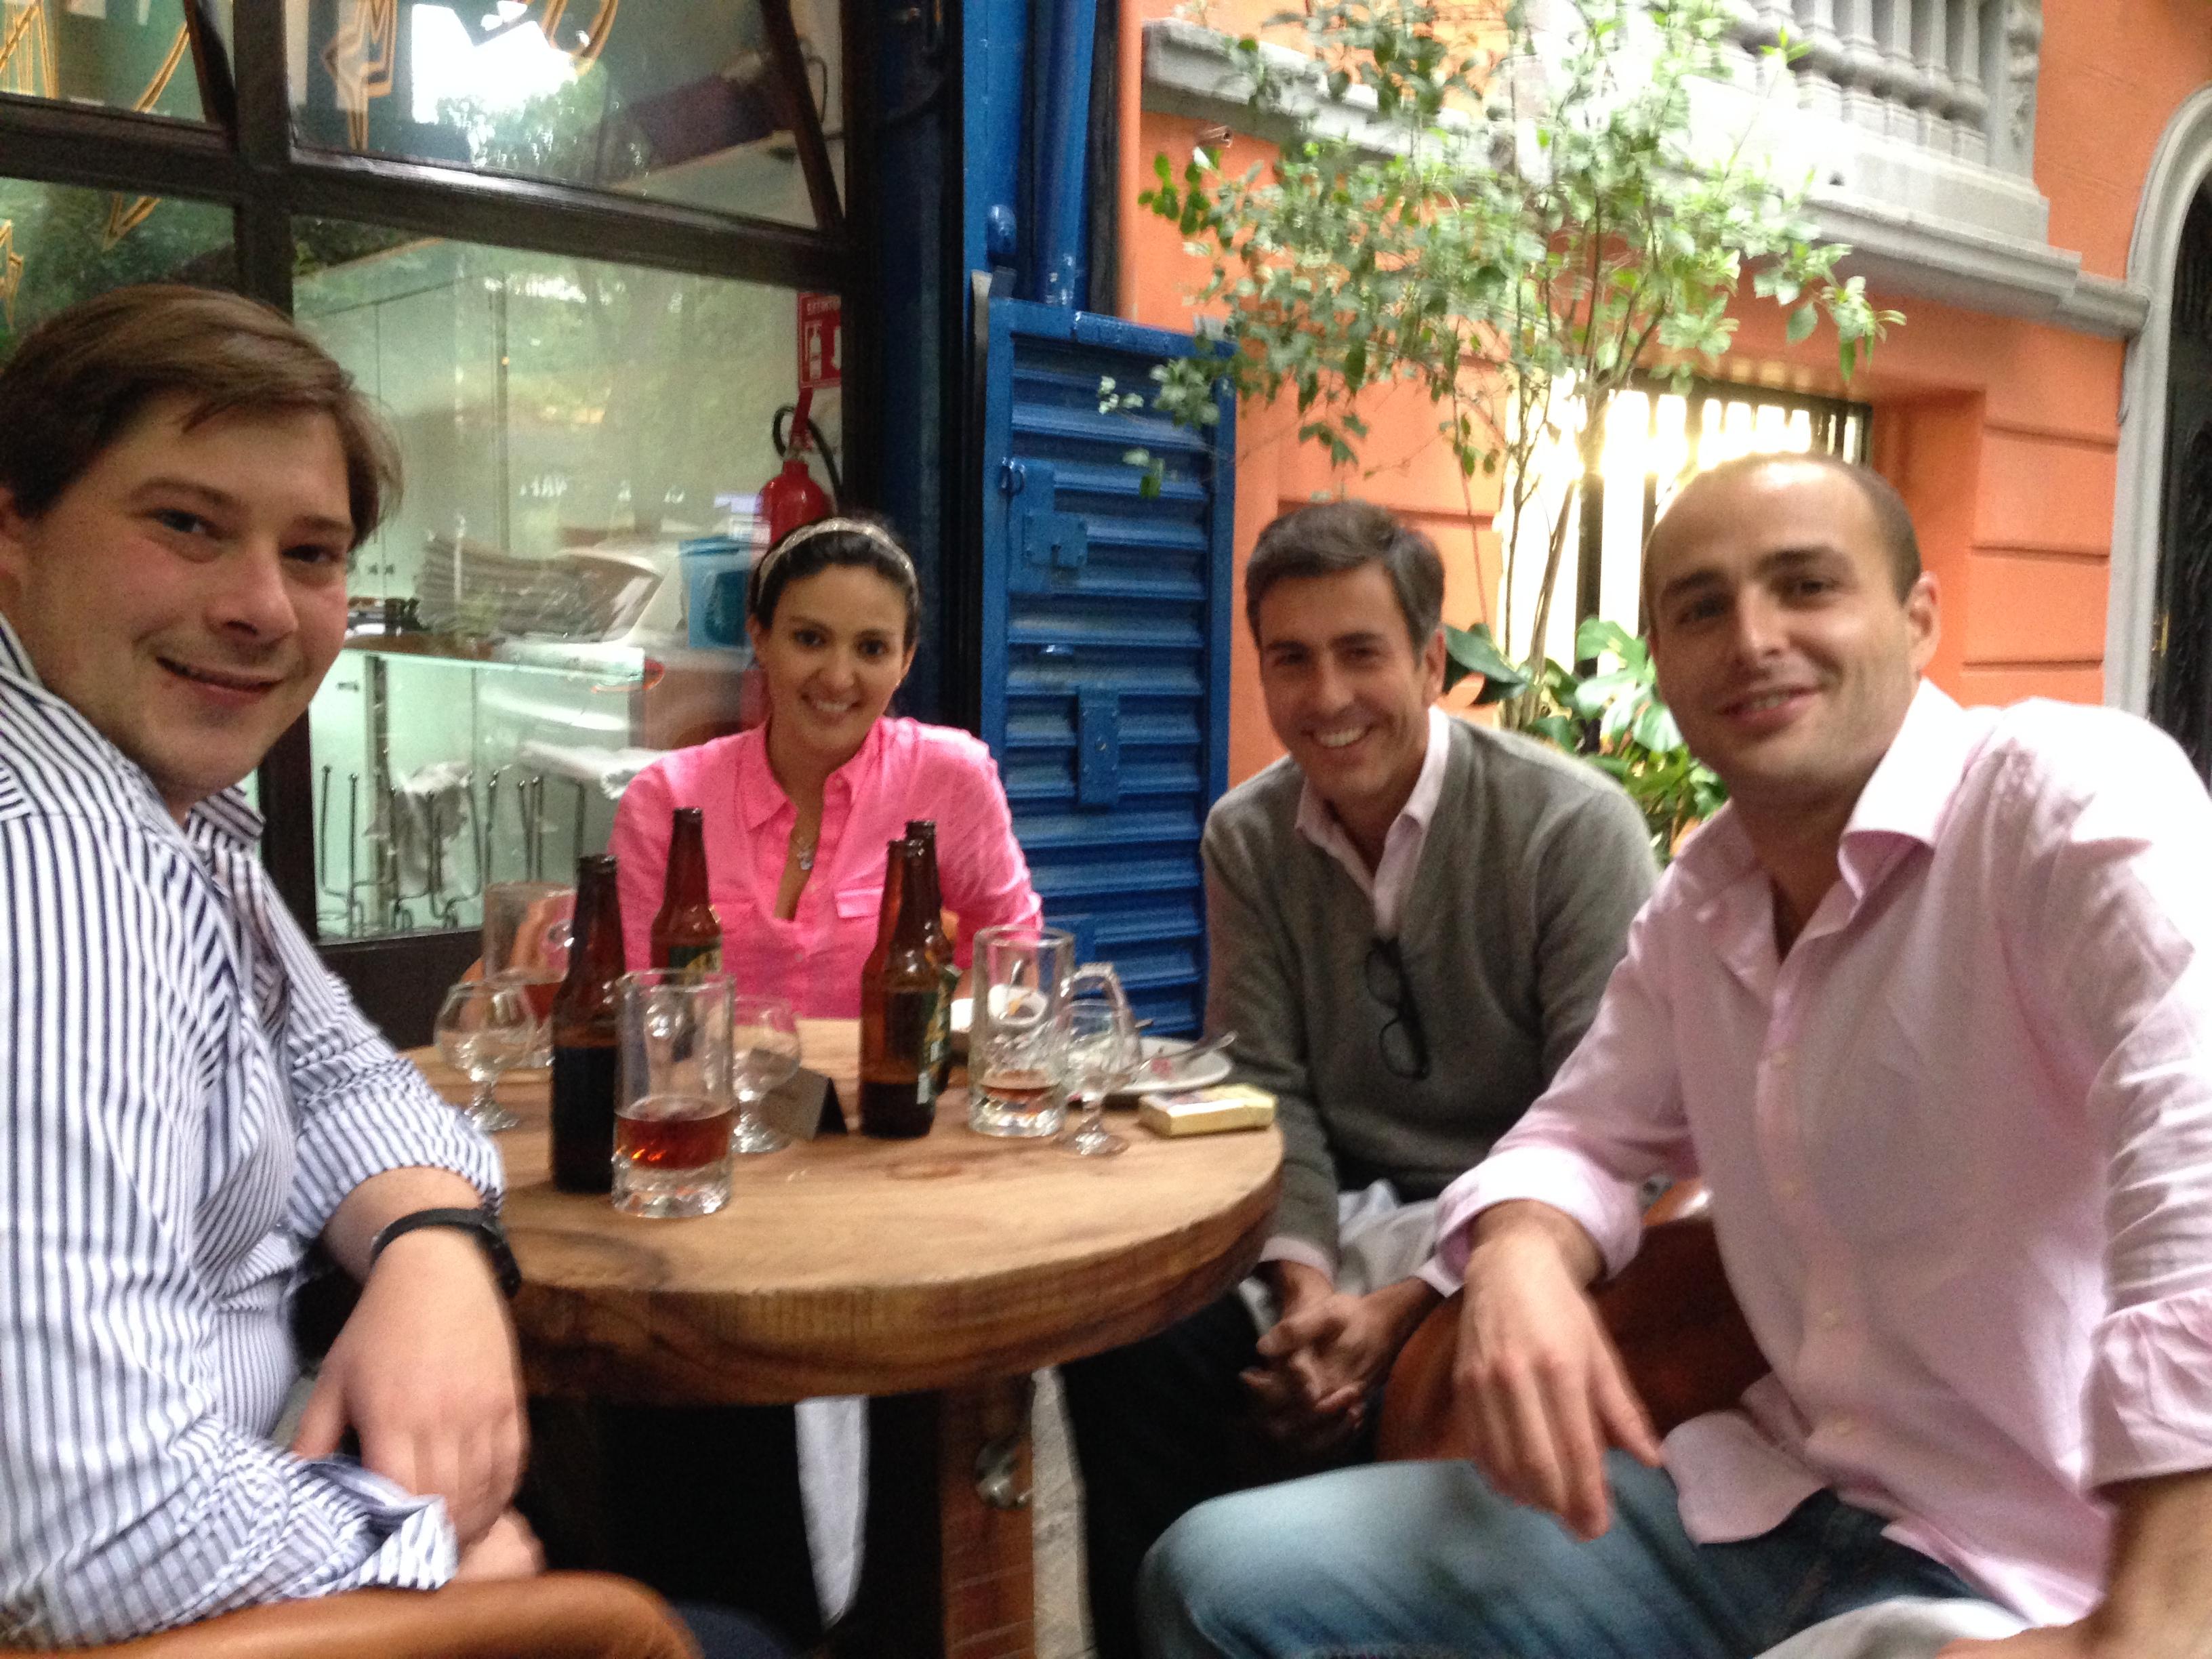 En la sobremesa tras un estupendo almuerzo. De izquierda a derecha. Alvaro, Rebeca, Diego y yo